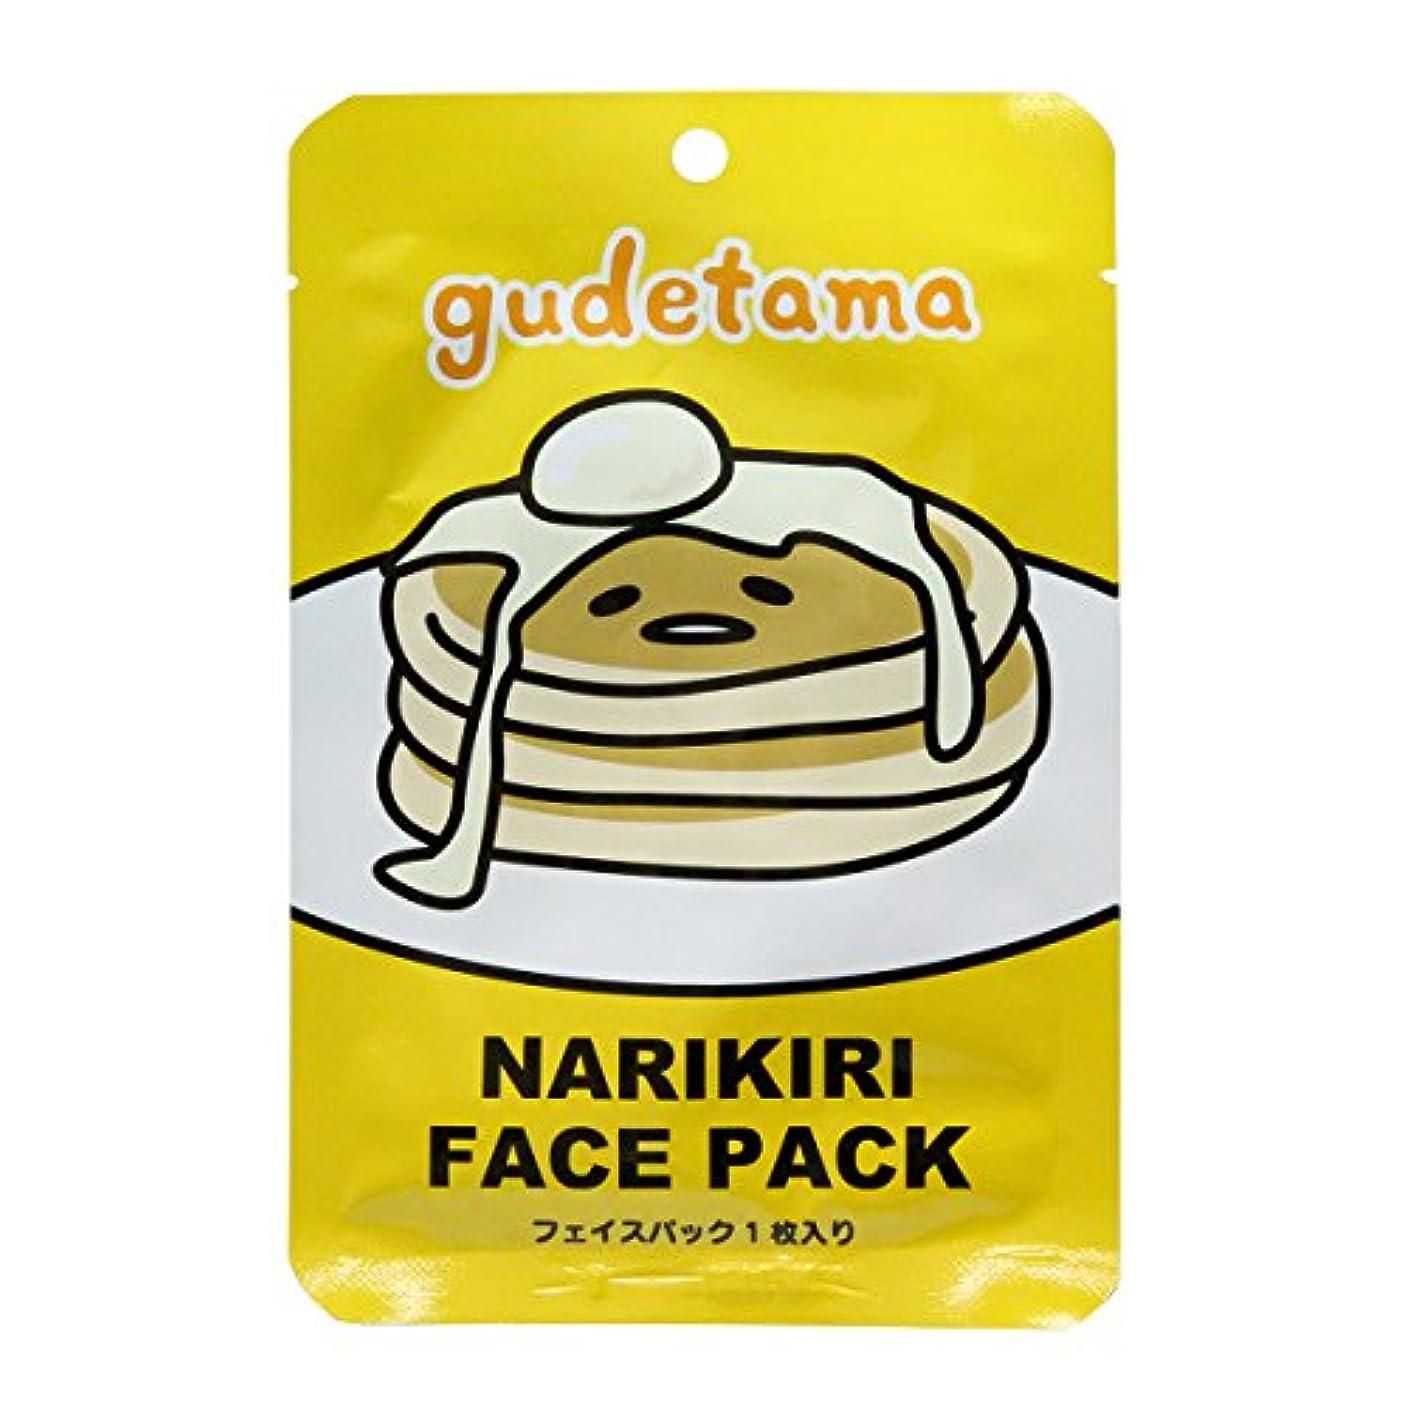 長椅子代数階ぐでたま なりきりフェイスパック パンケーキ バニラの香り (20mL × 1枚入)